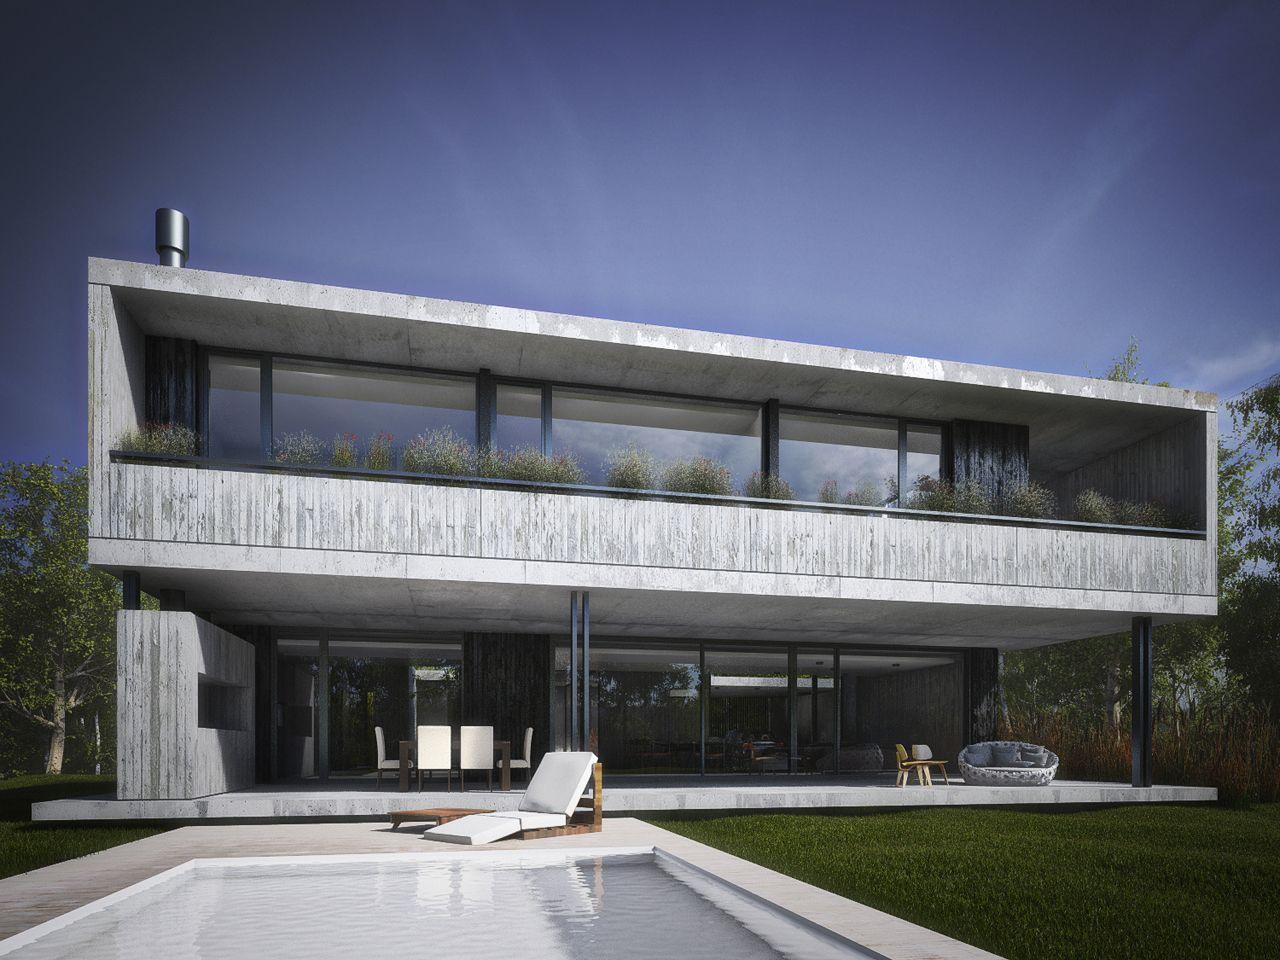 Proyecto direcci n y construcci n de casas edificios for Casas modernas residenciales